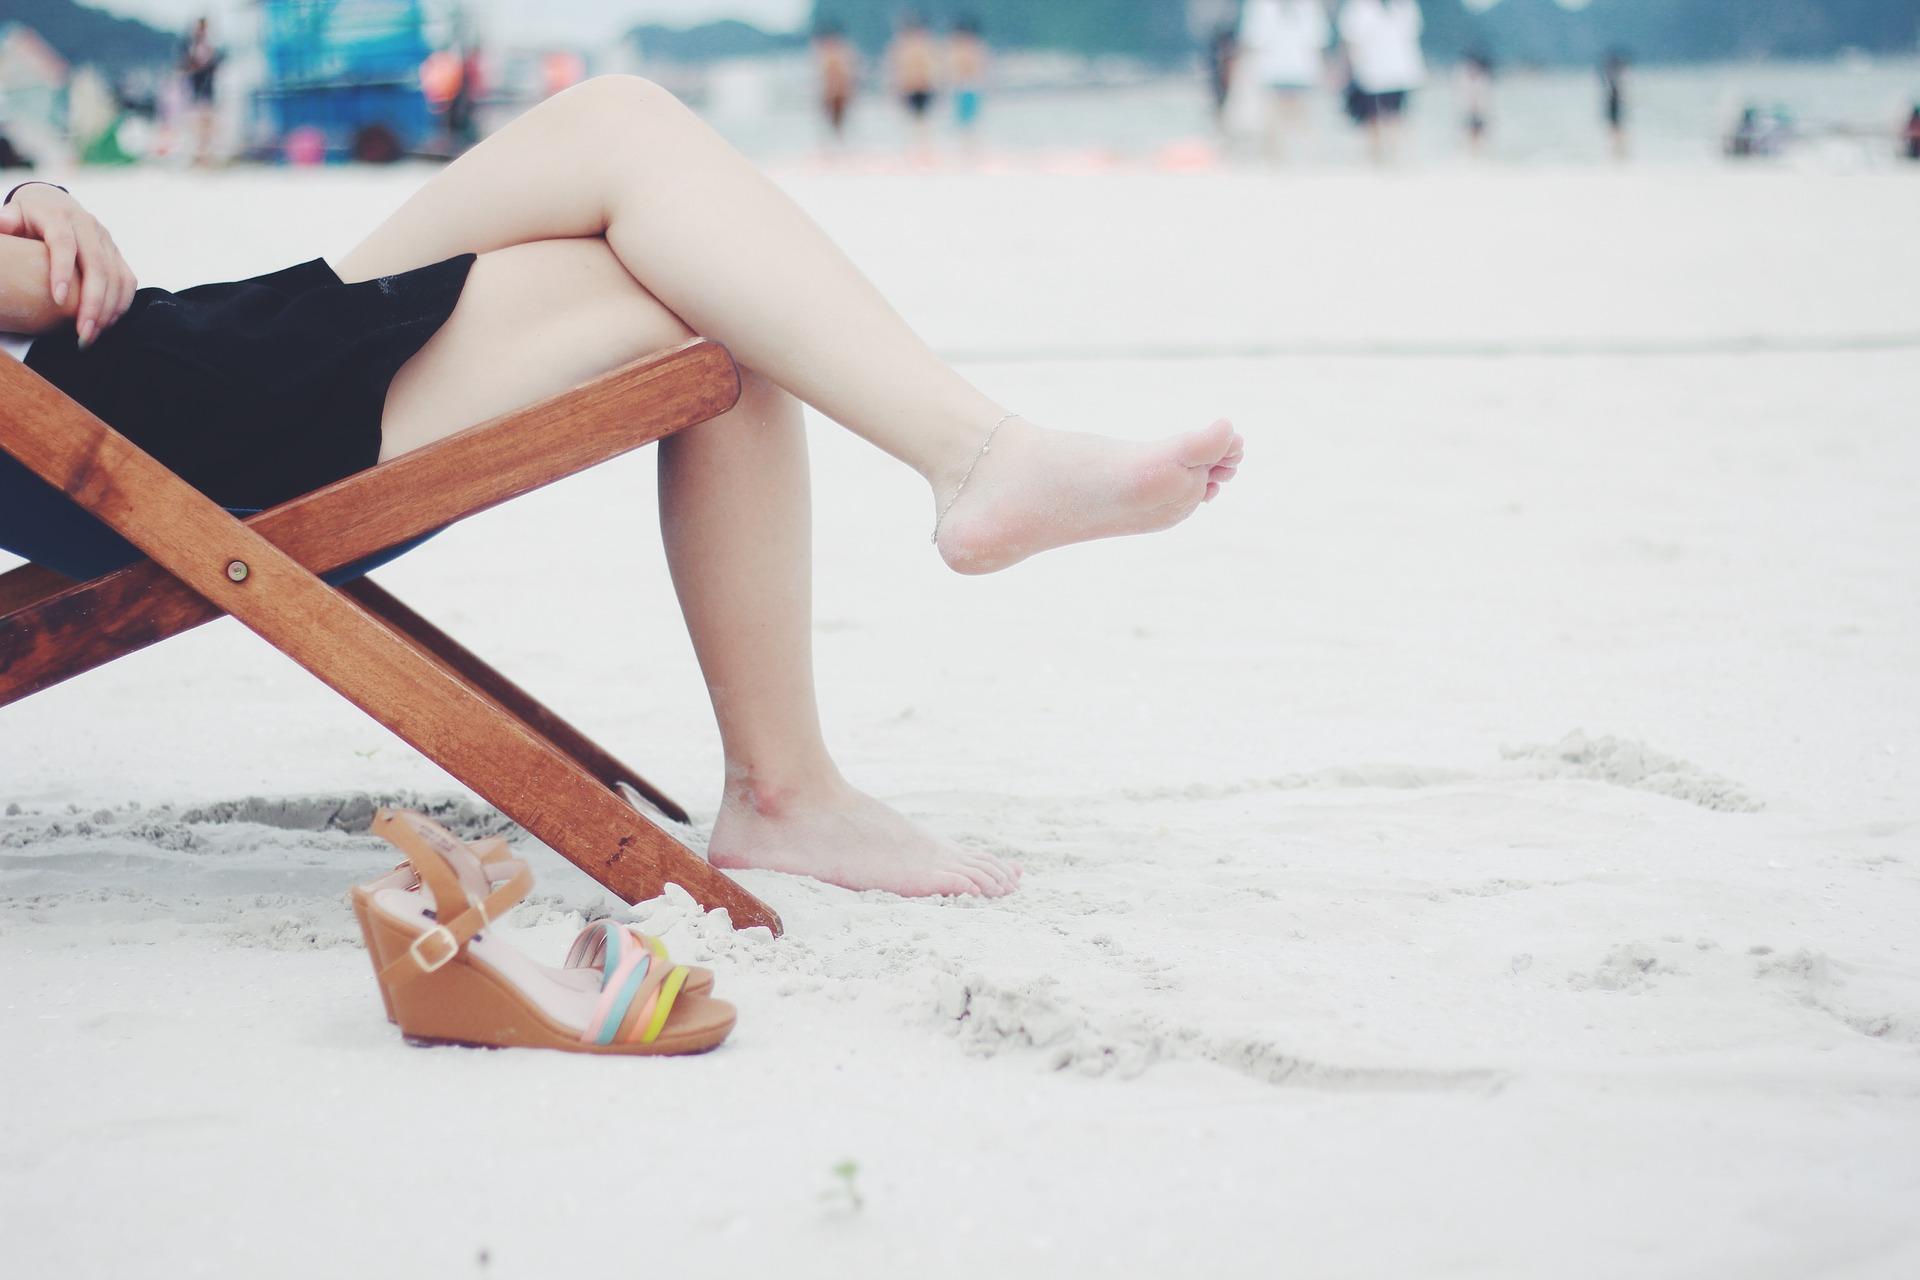 Rodzaje depilacji- jak efektywnie usuwać bezużyteczne owłosienie